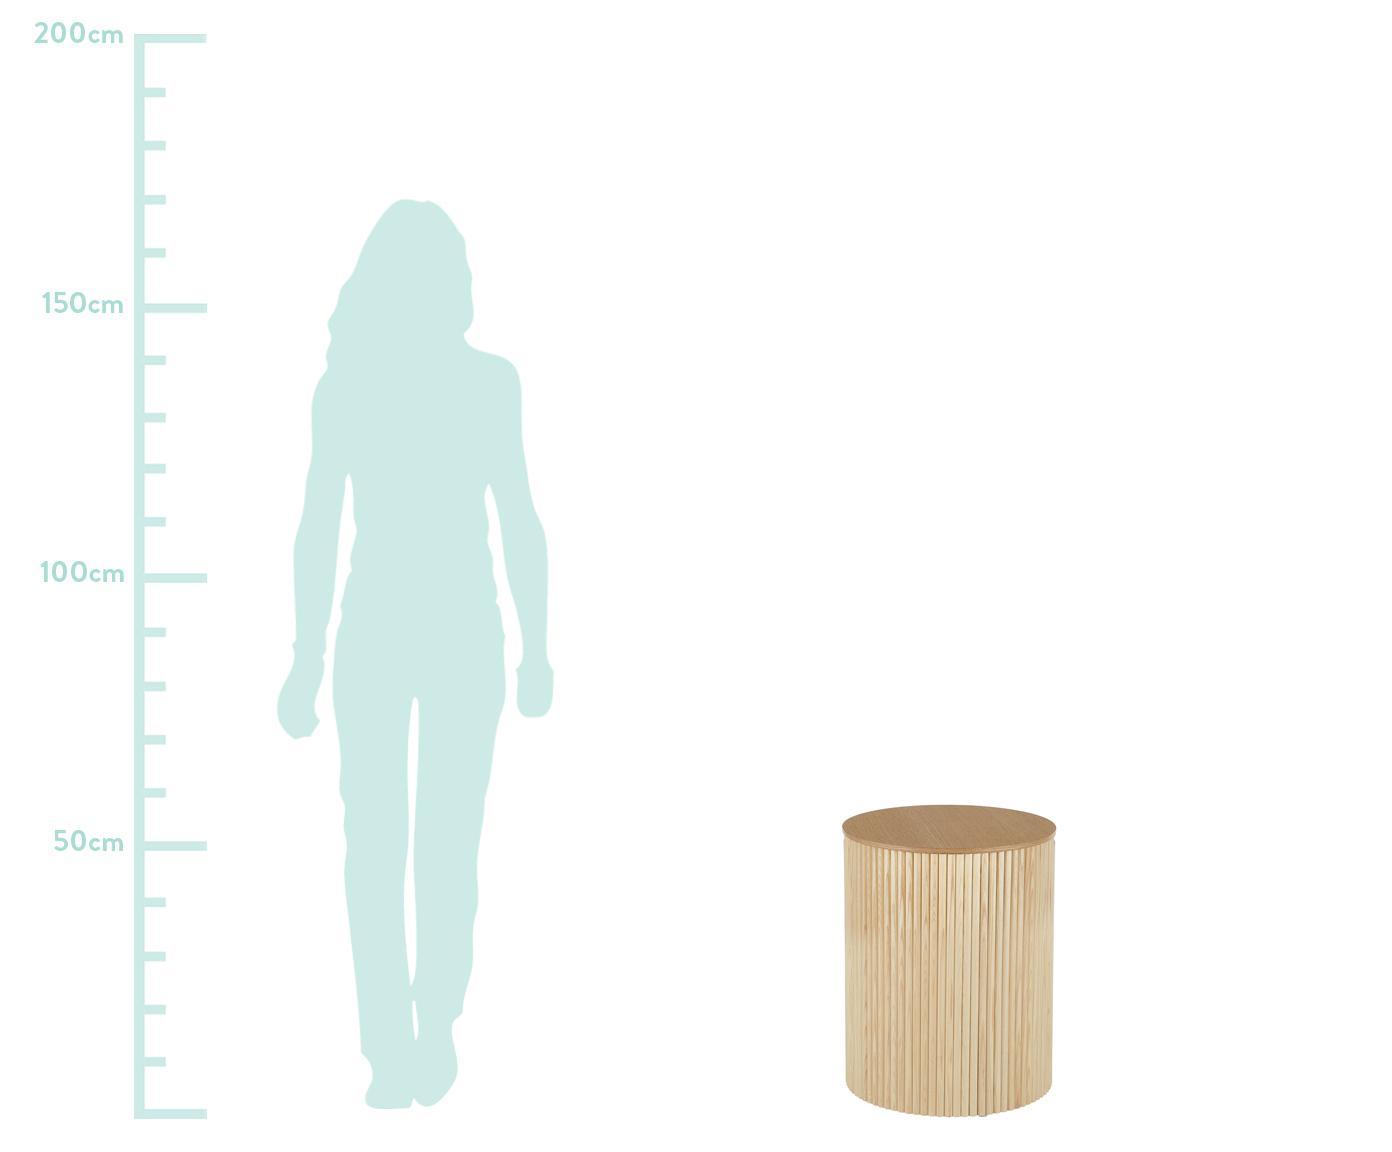 Beistelltisch Nele mit Stauraum, Mitteldichte Holzfaserplatte (MDF) mit Eschenholzfurnier, Eschenholzfurnier, ∅ 40 x H 51 cm